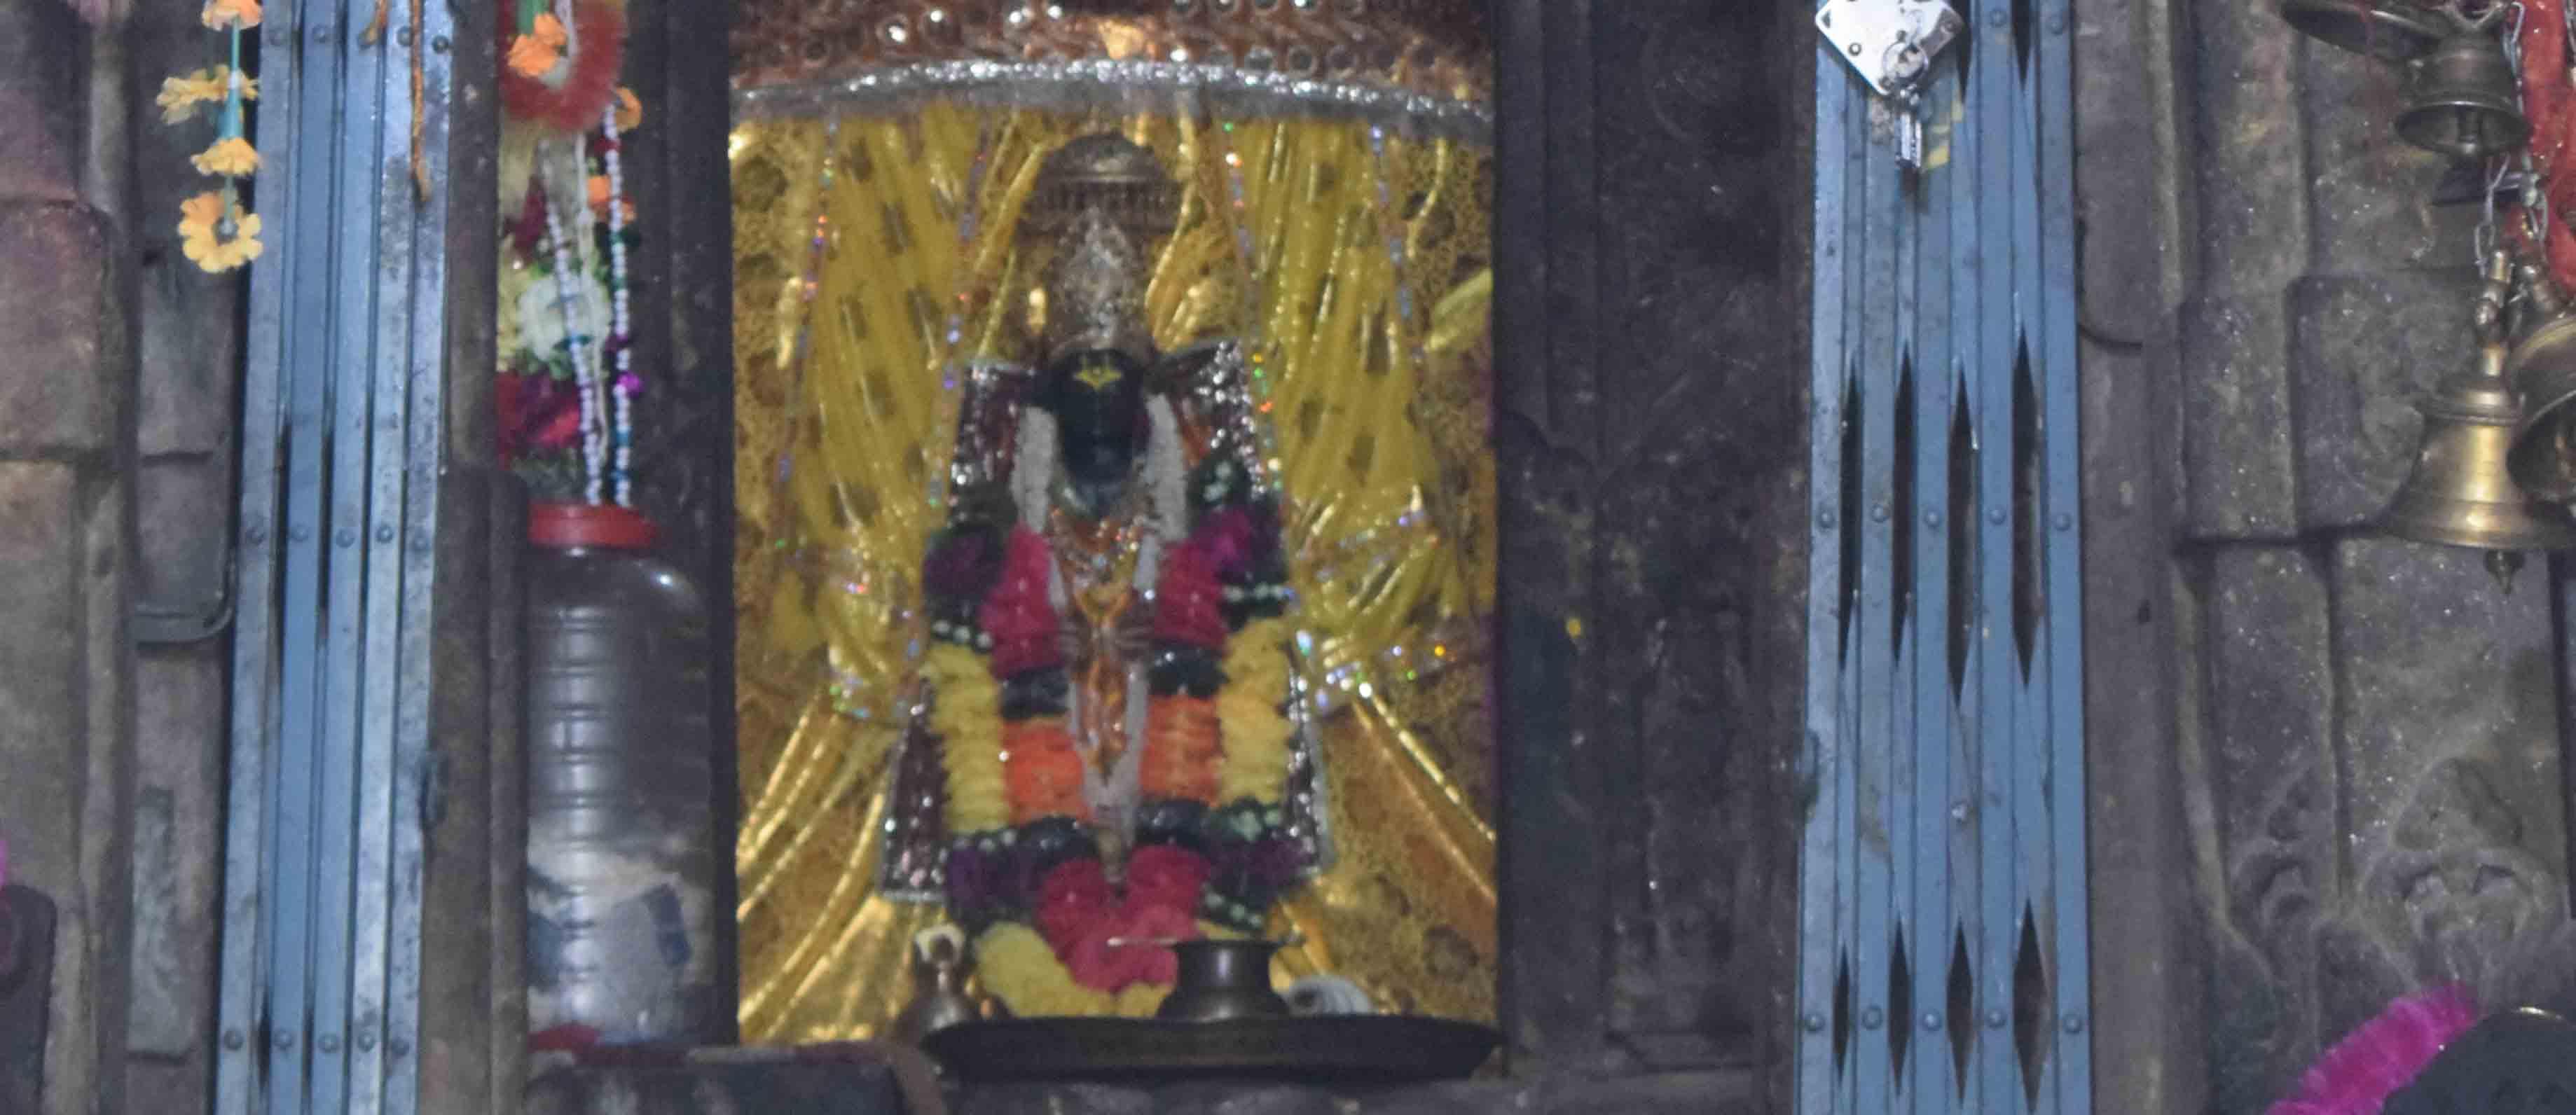 आदि बद्री मंदिर की तस्वीरें